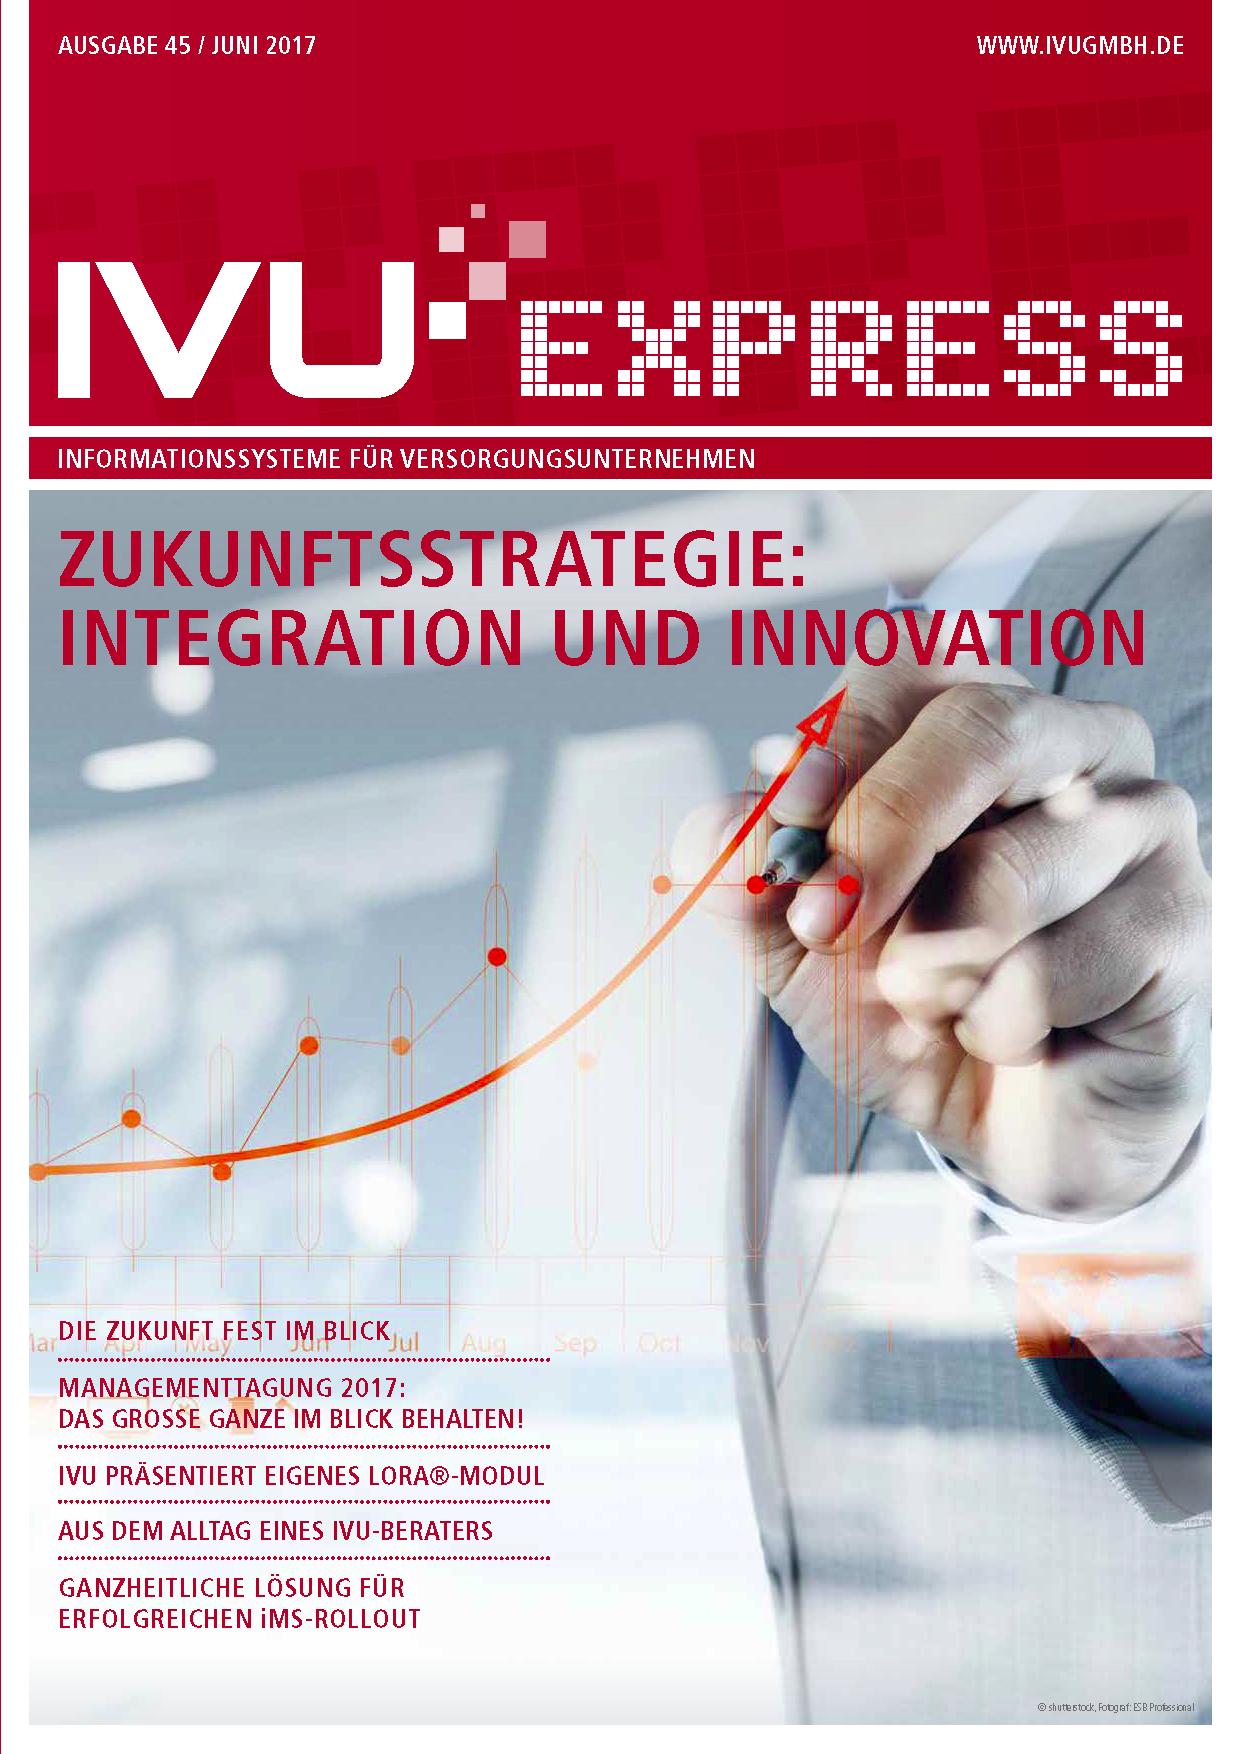 IVU Express 45